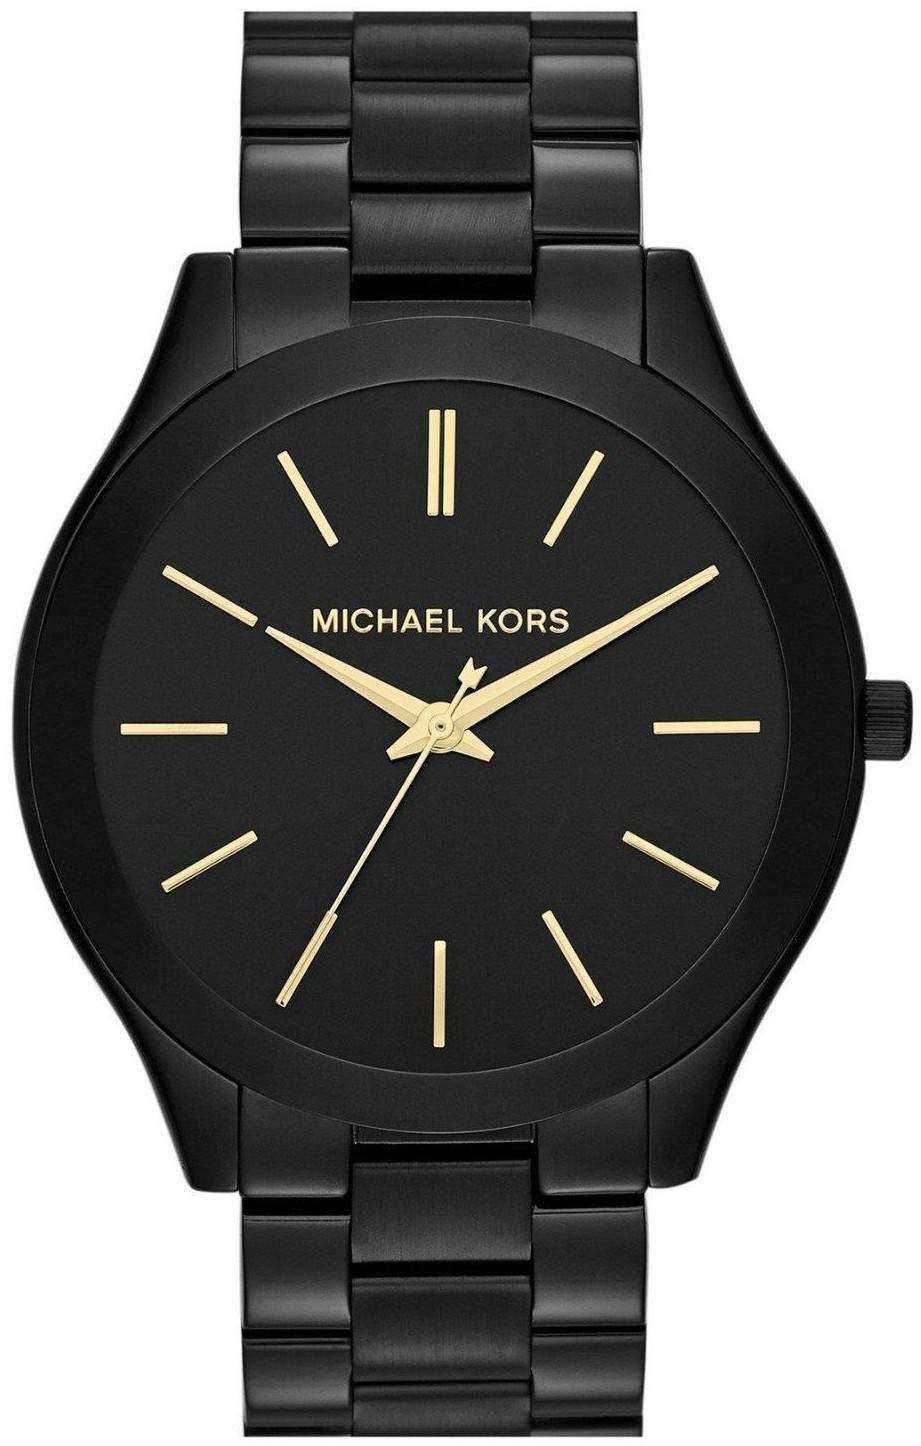 Michael Kors Slim Runway Black Dial MK3221 Womens Watch